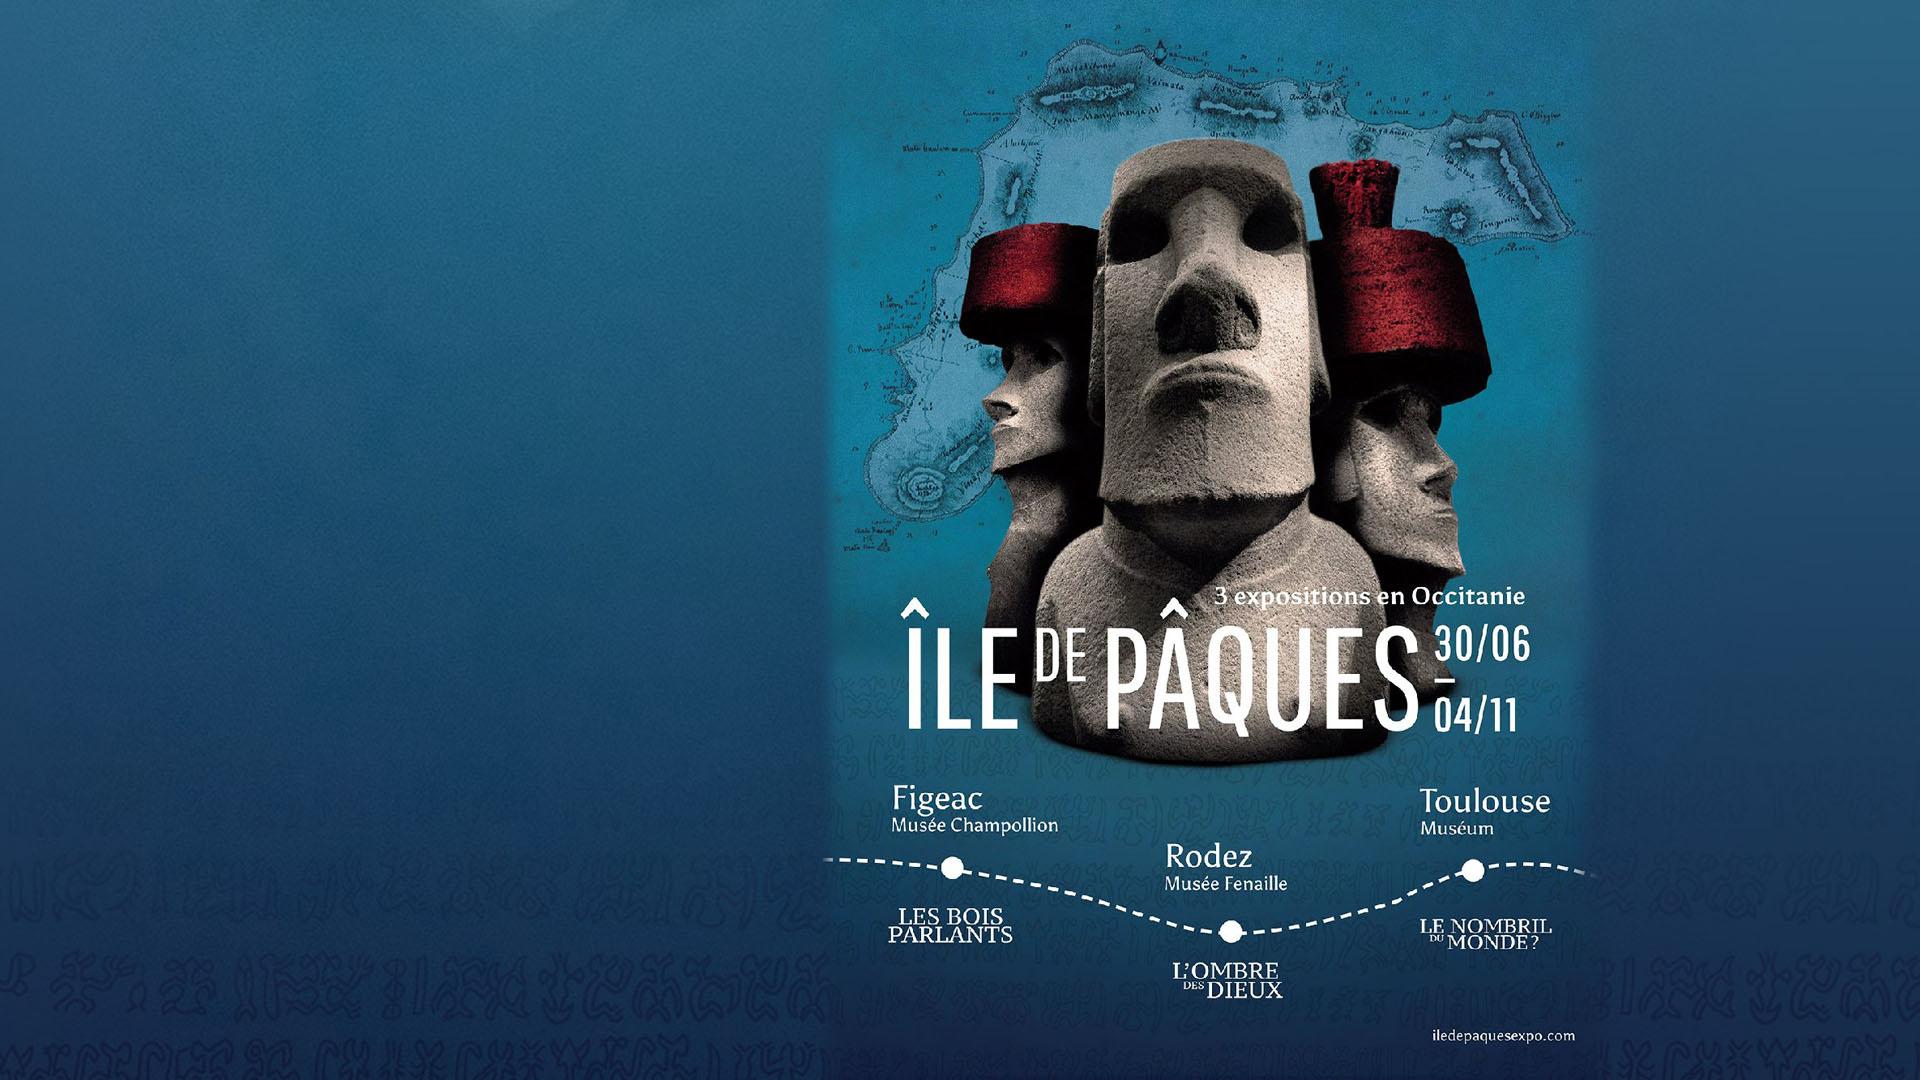 Ile de Pâques - Moai - Museum de Toulouse